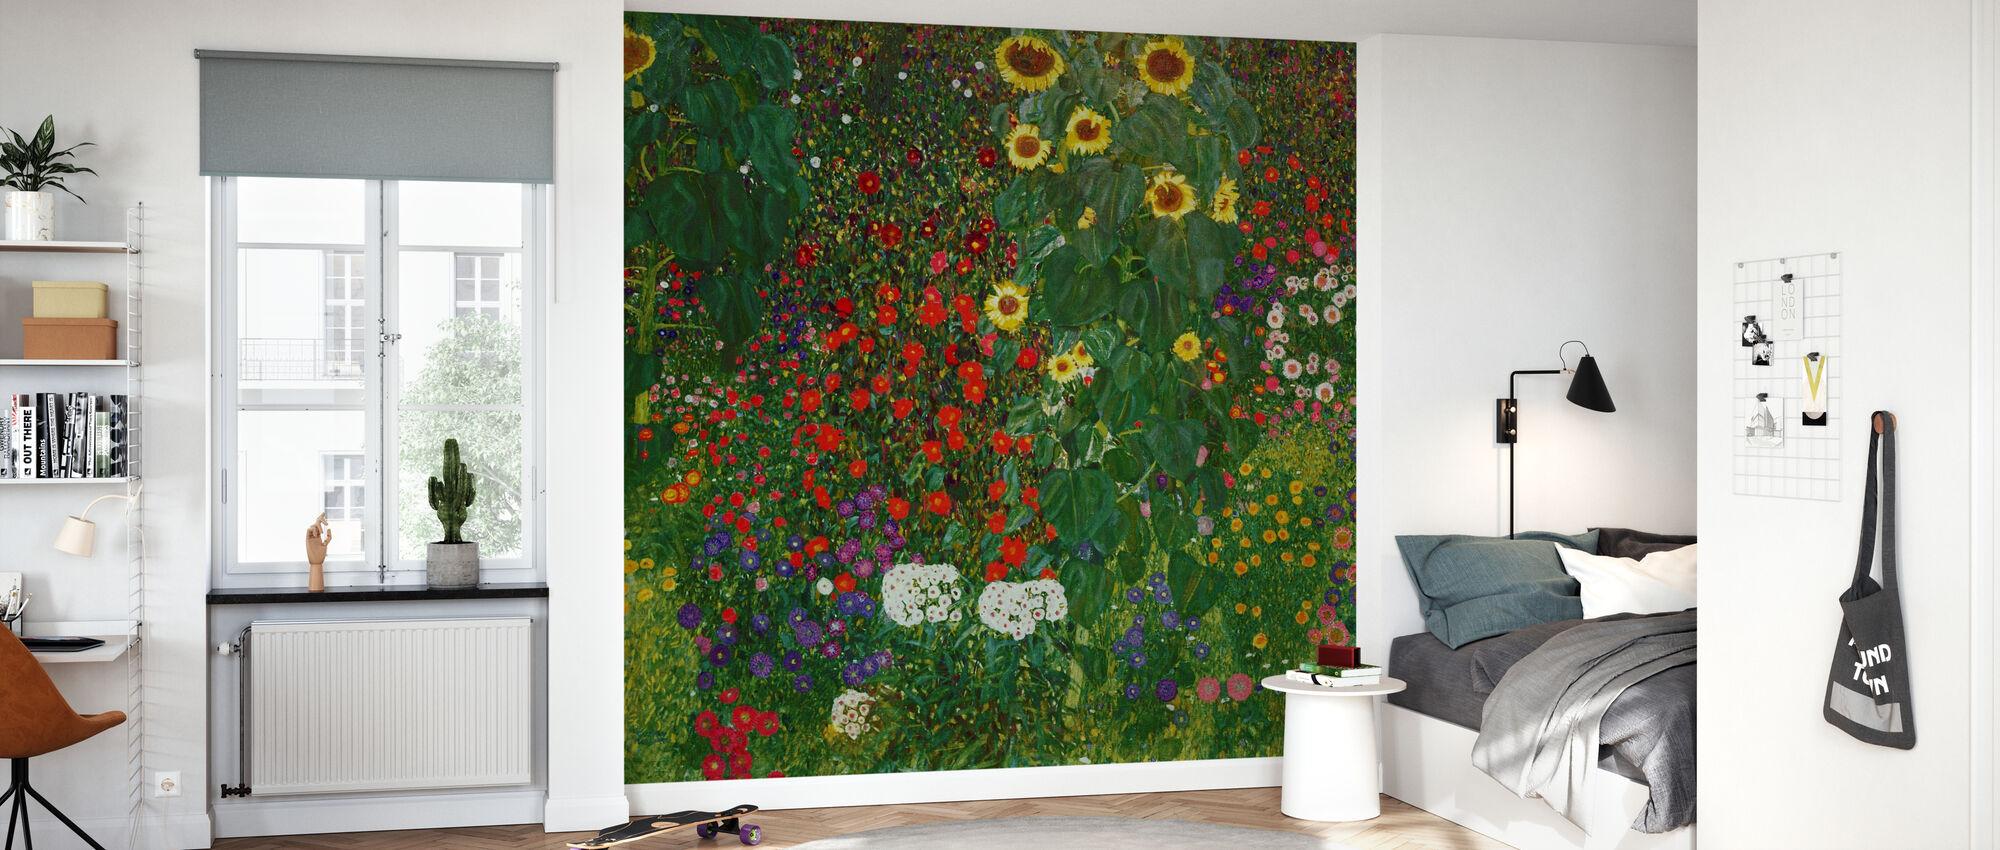 Garten mit Sonnenblumen. Gustav Klimt - Tapete - Kinderzimmer